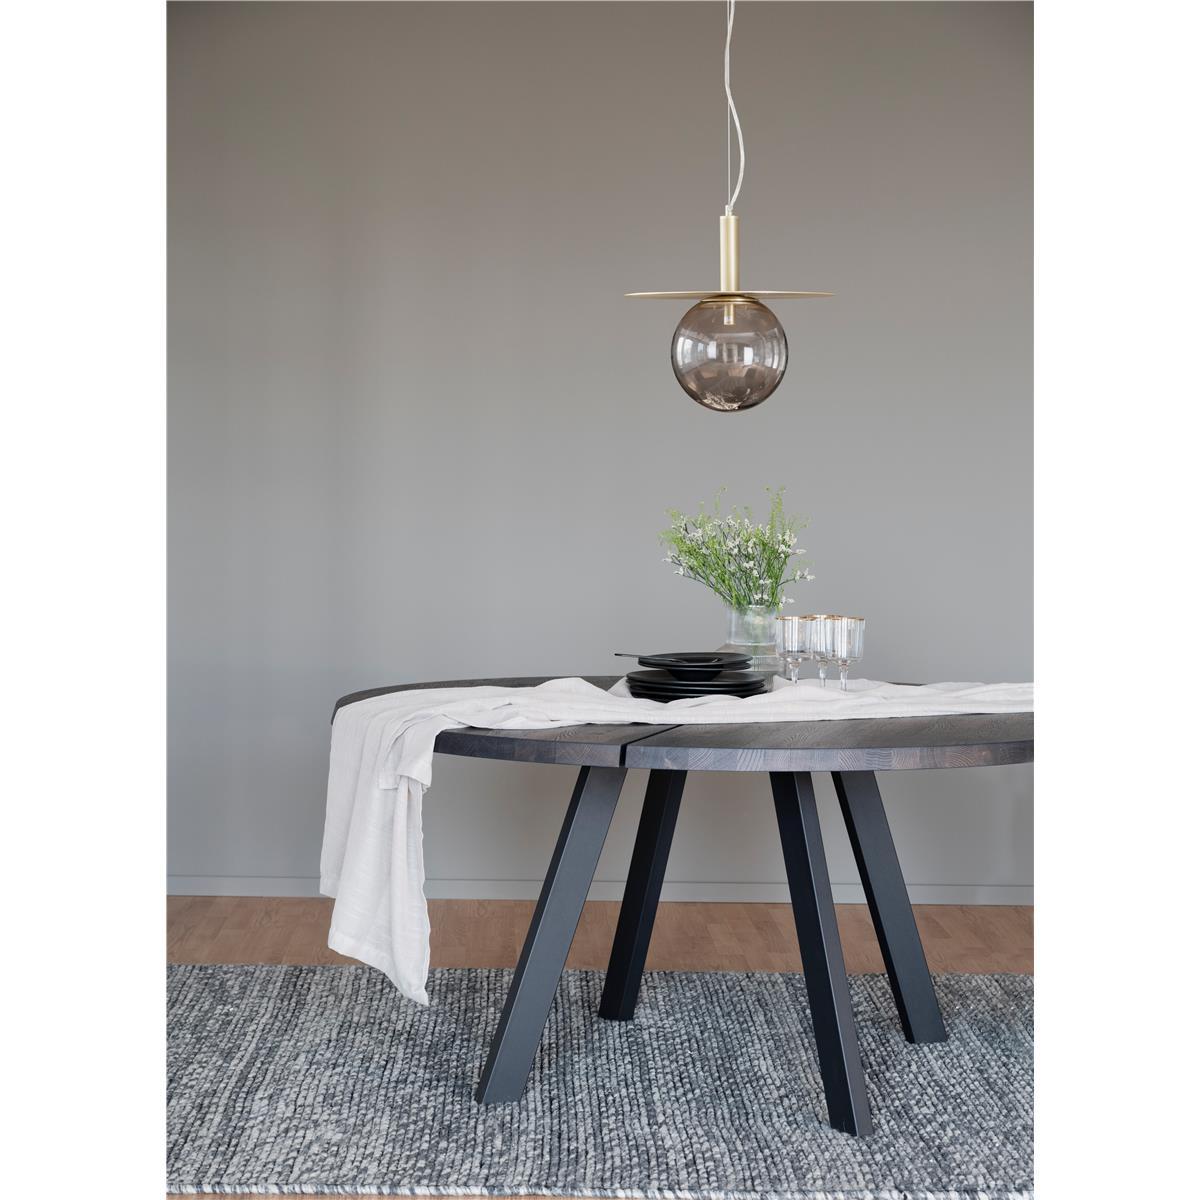 Fred-matbord mörkbrun-svart 117440 4